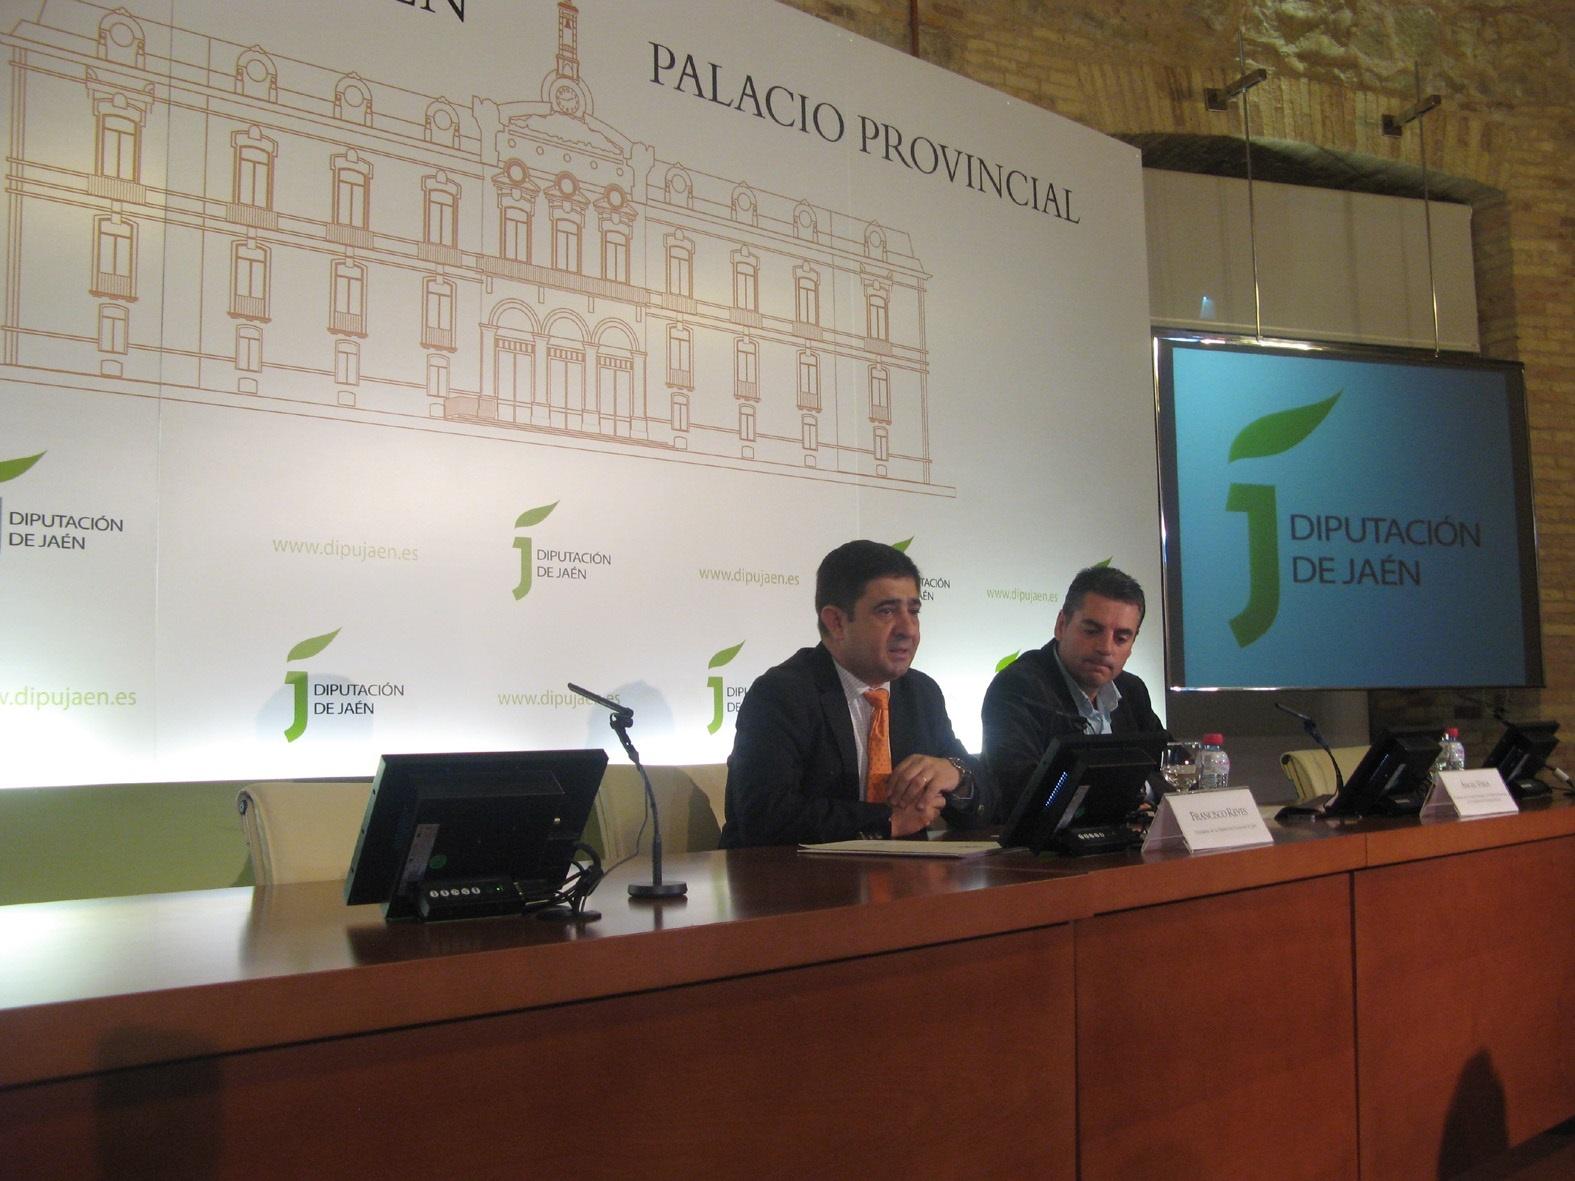 La Diputación subvenciona con 60.000 euros a 14 ayuntamientos para que renueven sus equipamientos informáticos